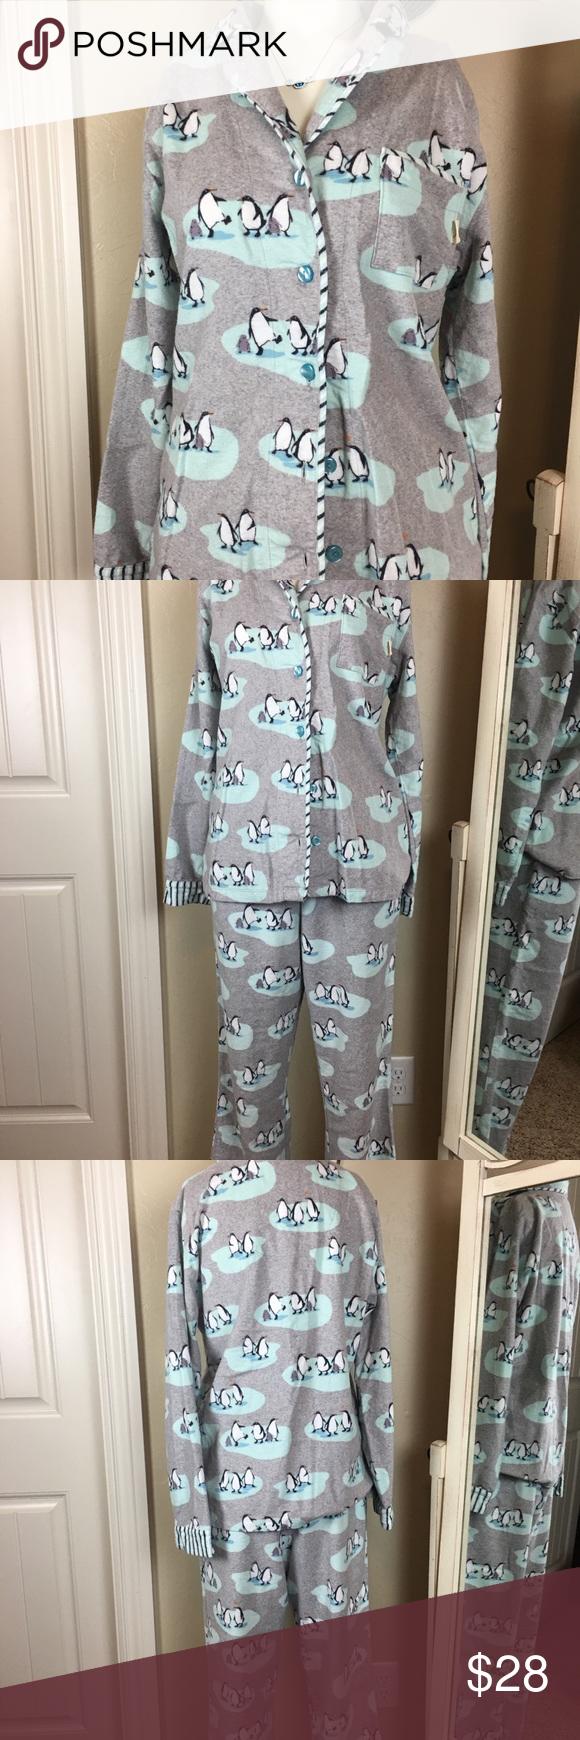 f835a9f41c8e8 NWOT - Munki Munki Pajamas NWOT - Munki Munki Pajama Set - super soft and  cozy Munki Munki Intimates & Sleepwear Pajamas